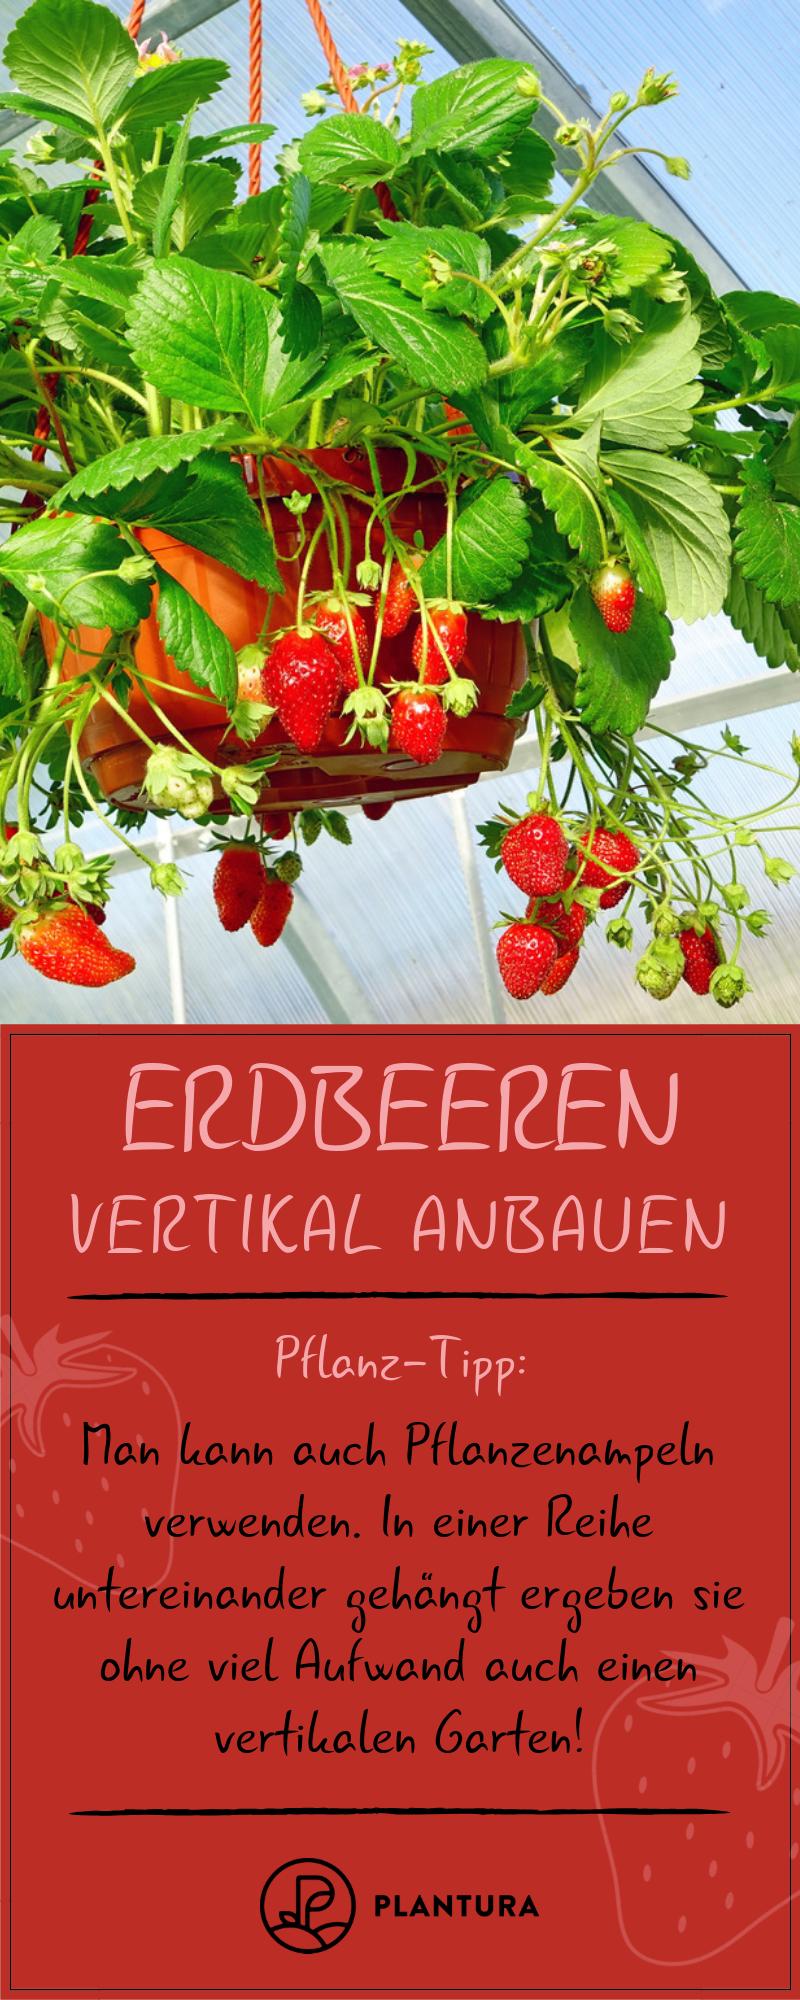 Erdbeeren vertikal anbauen: Anleitung & Tipps zum Nachmachen - Plantura